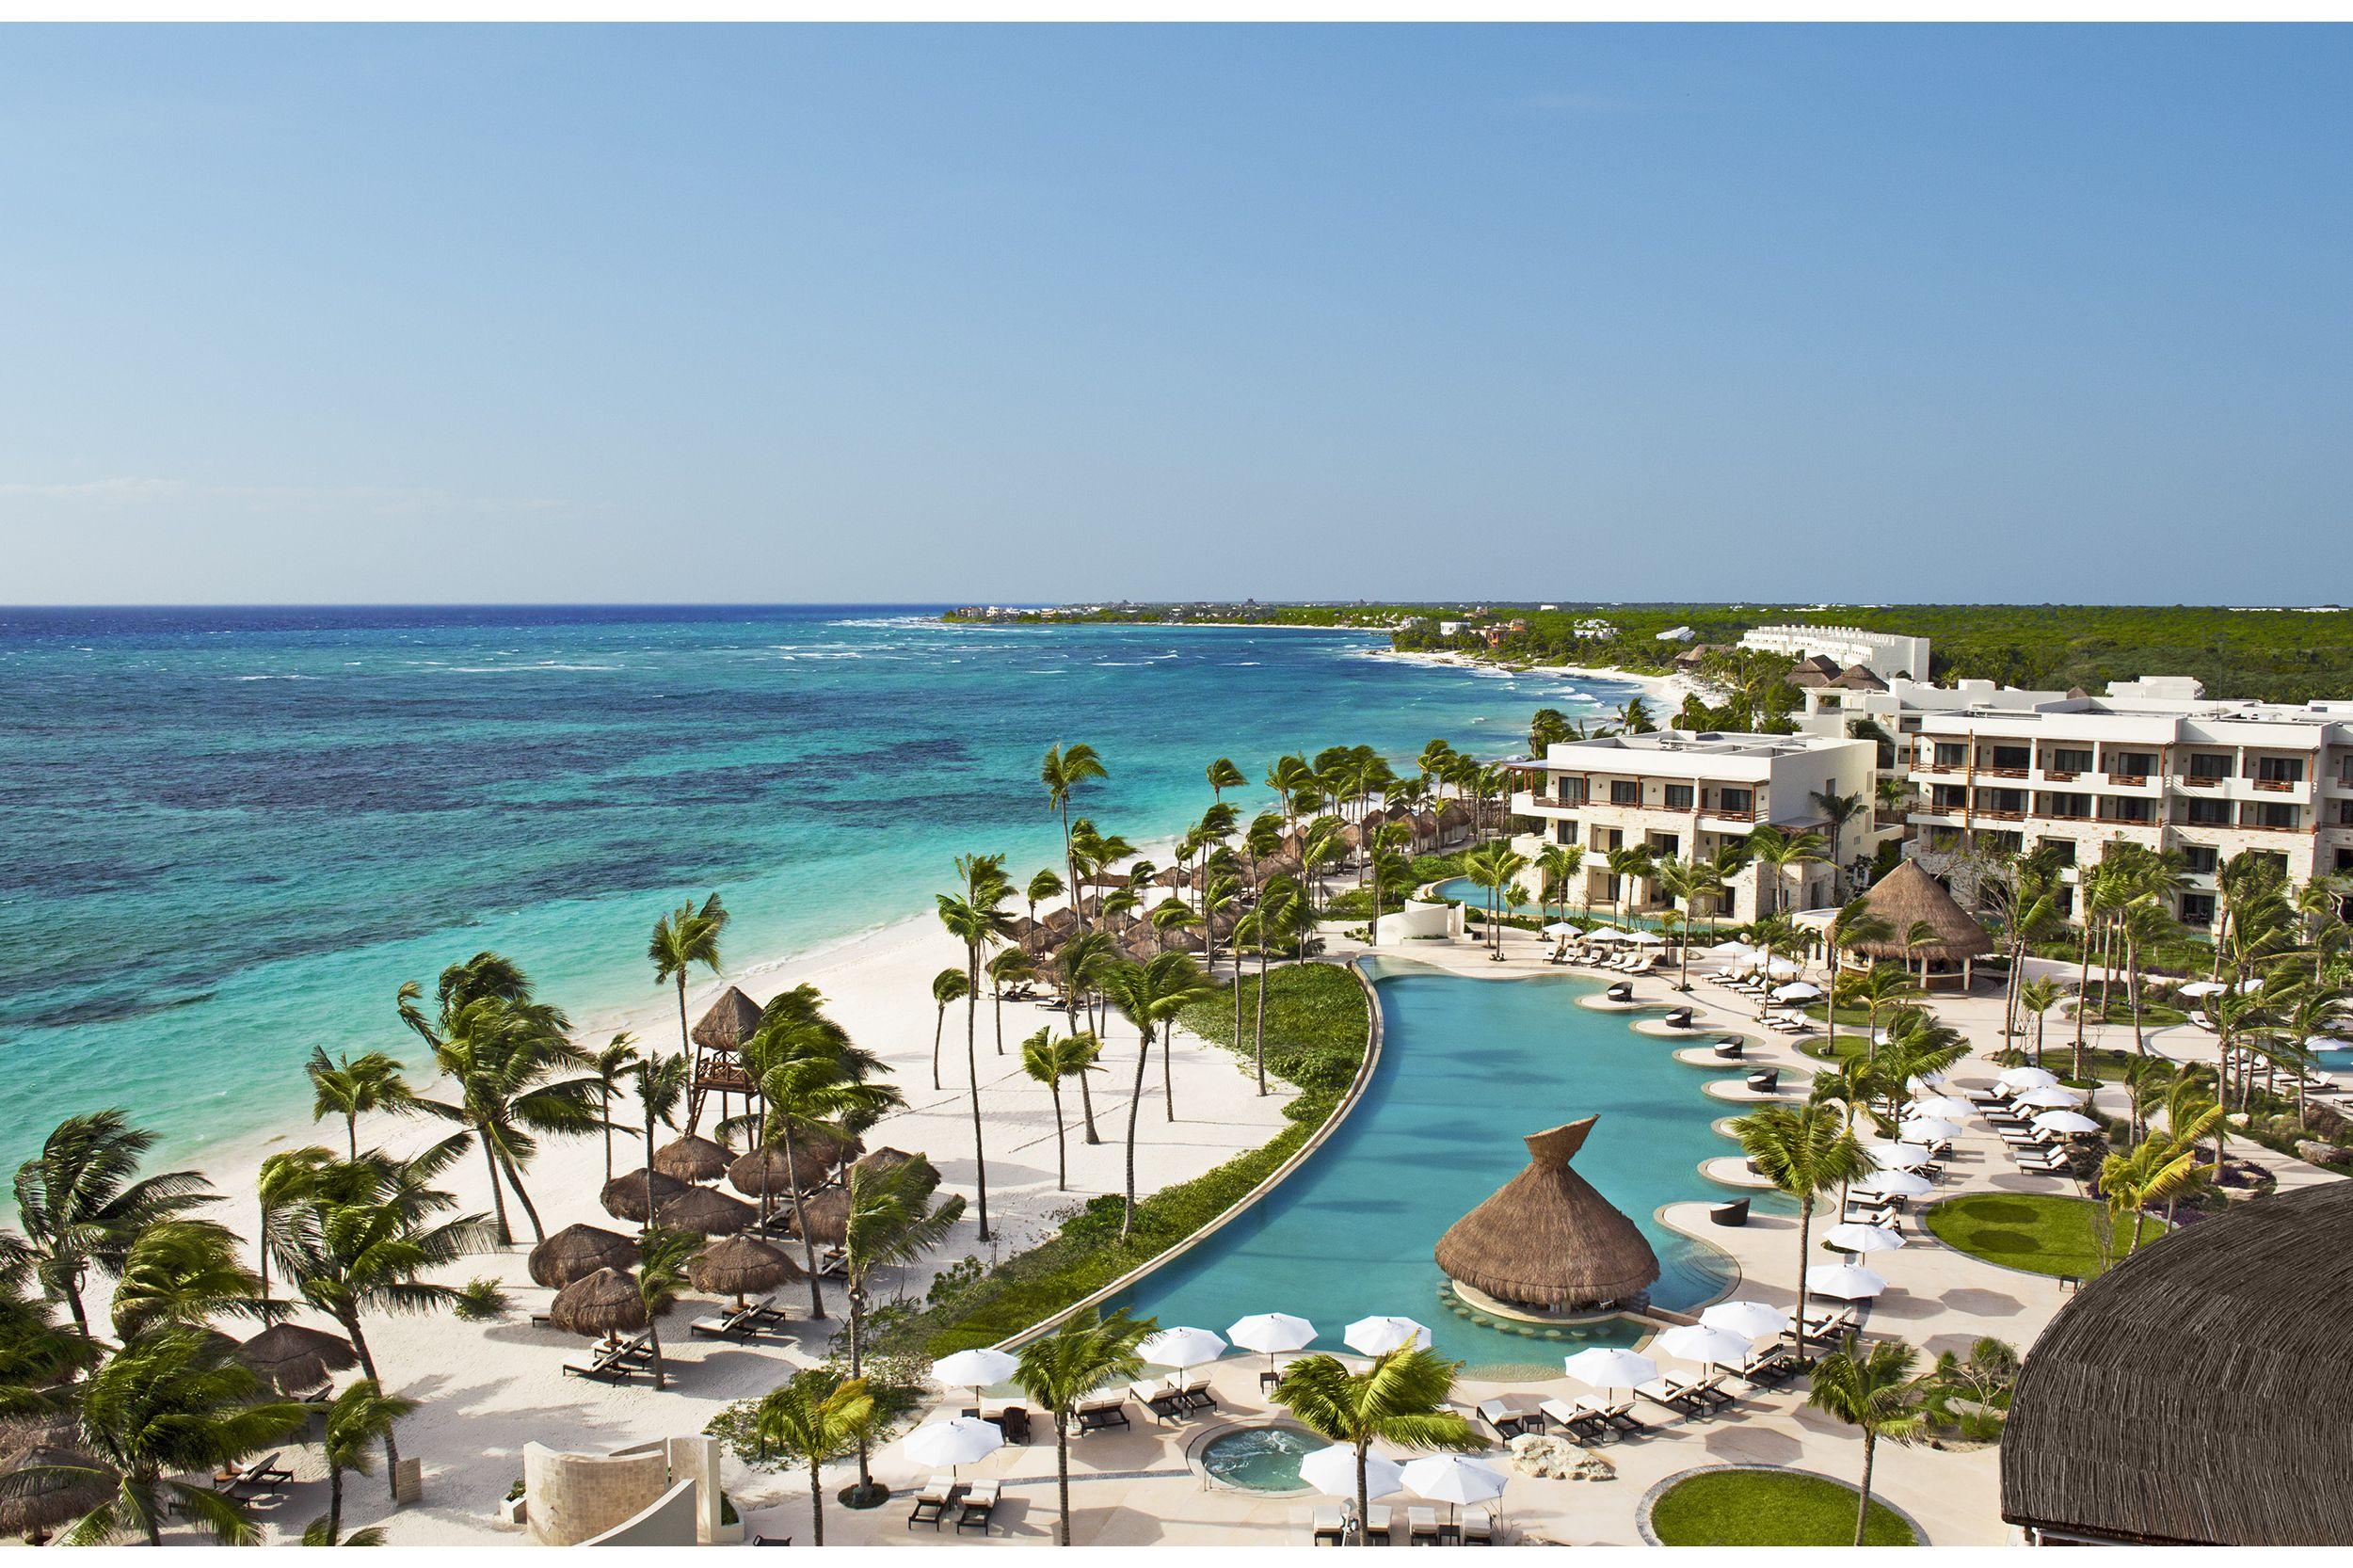 Riviera Maya Resorts >> Secrets Akumal Riviera Maya